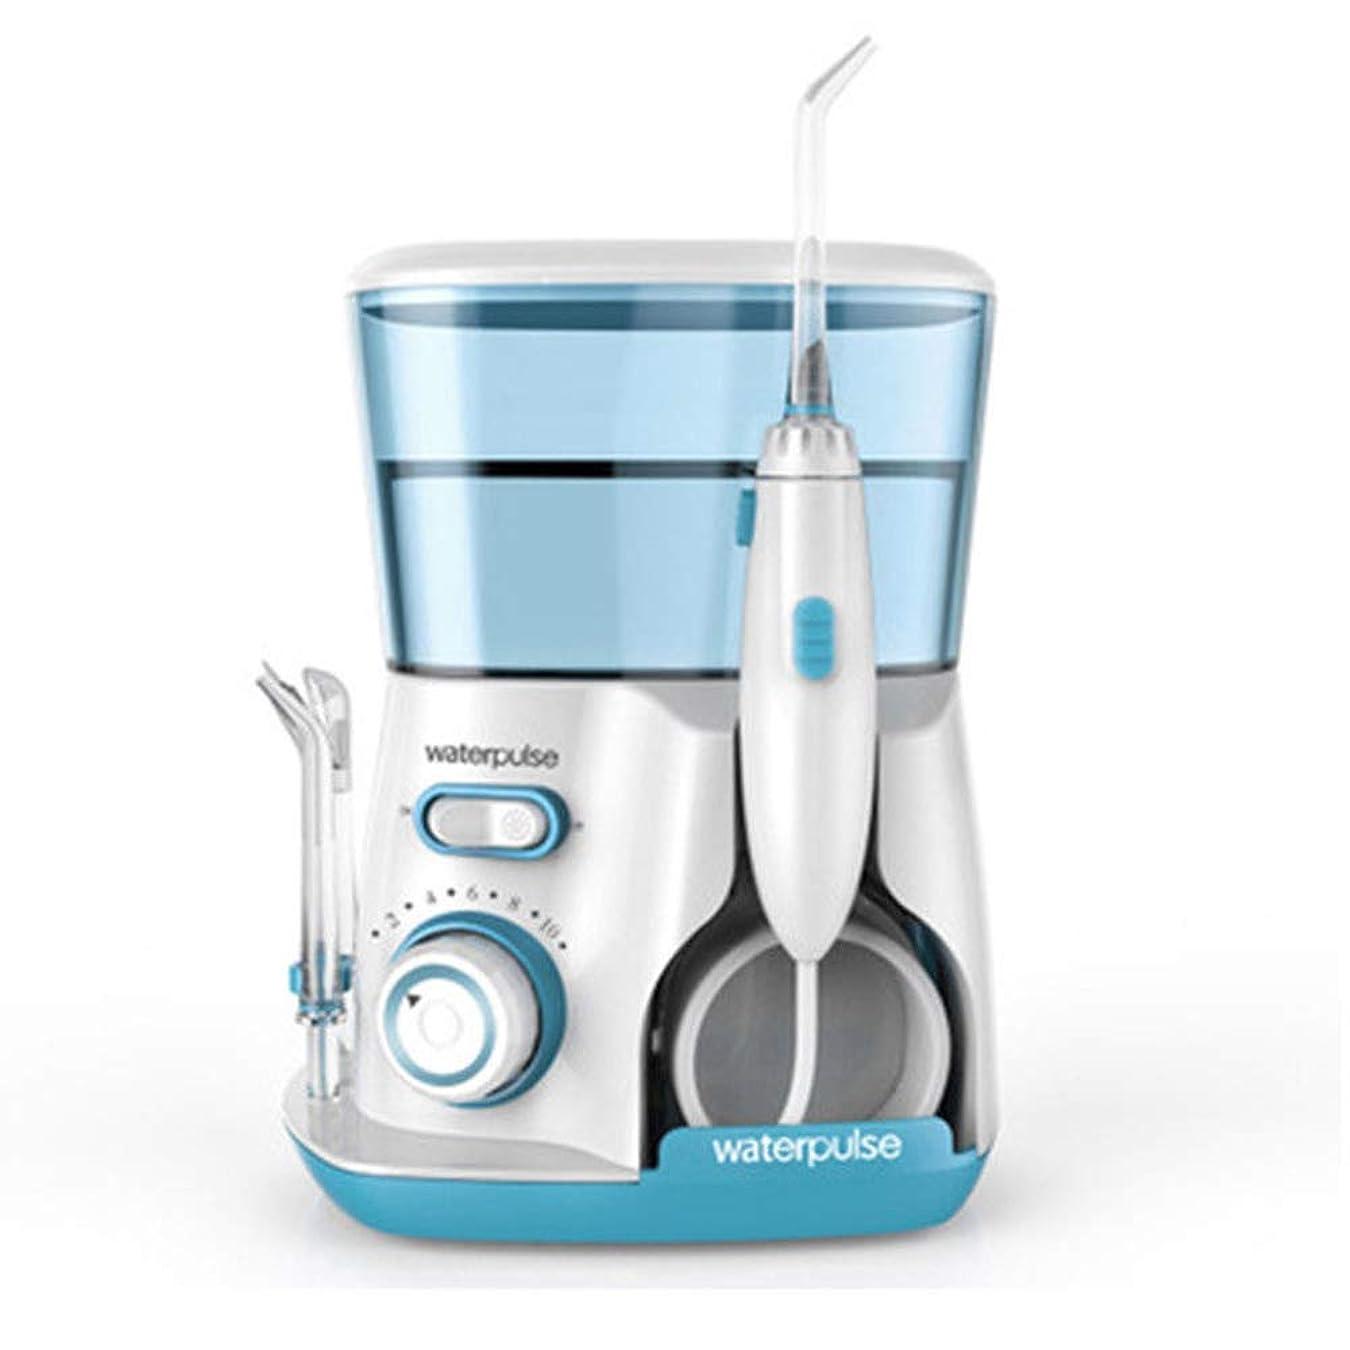 いつリンス段落水の容量800mlの5つの多機能ヒントのカウンタートップ歯科口腔洗浄器でリークプルーフ電気静かな設計ホーム&トラベル (色 : Green)